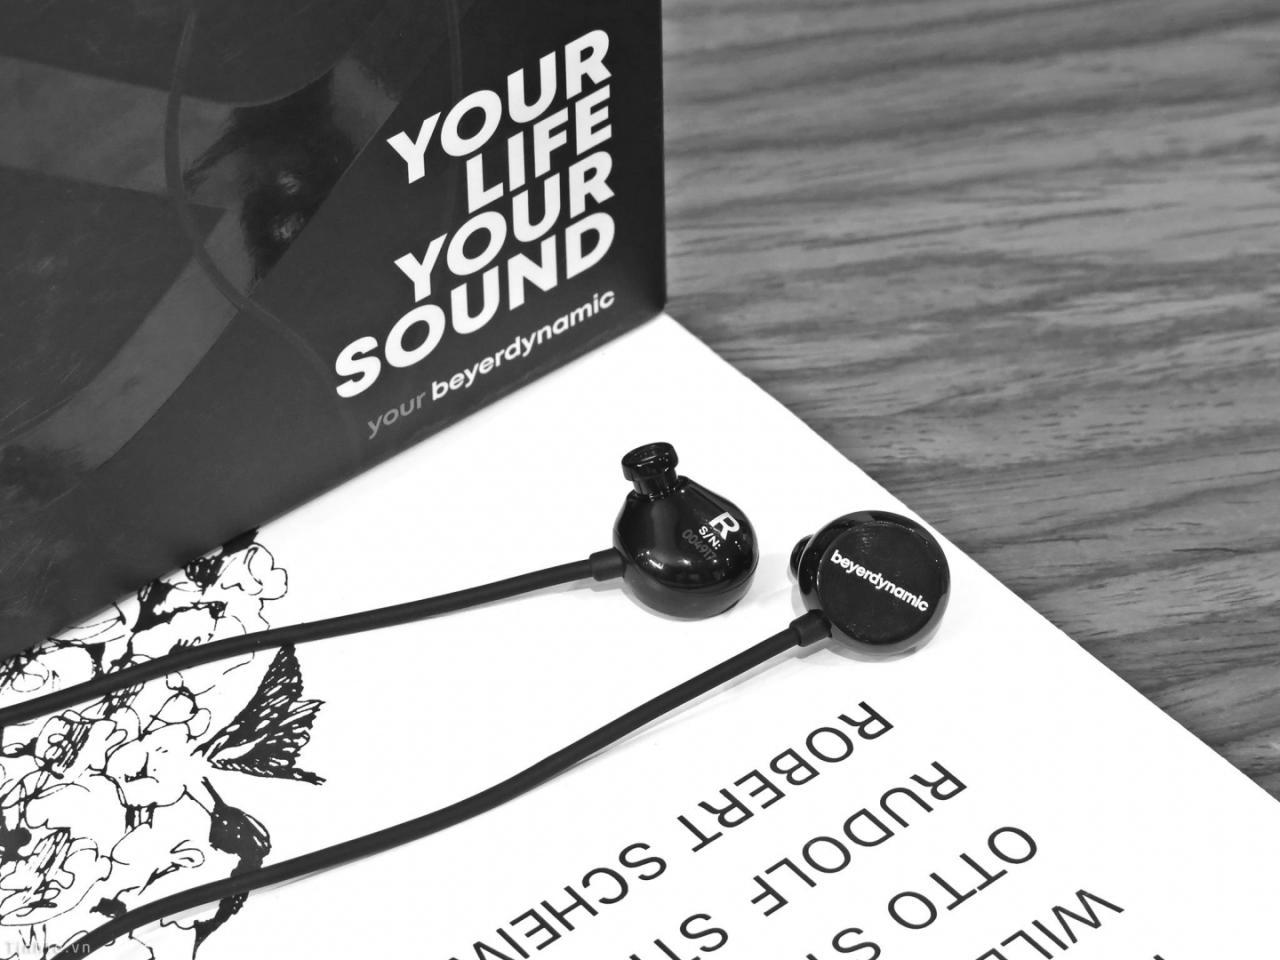 Beyerdynamic Beat Byrd - tai nghe in-ear xuất sắc với giá 600k